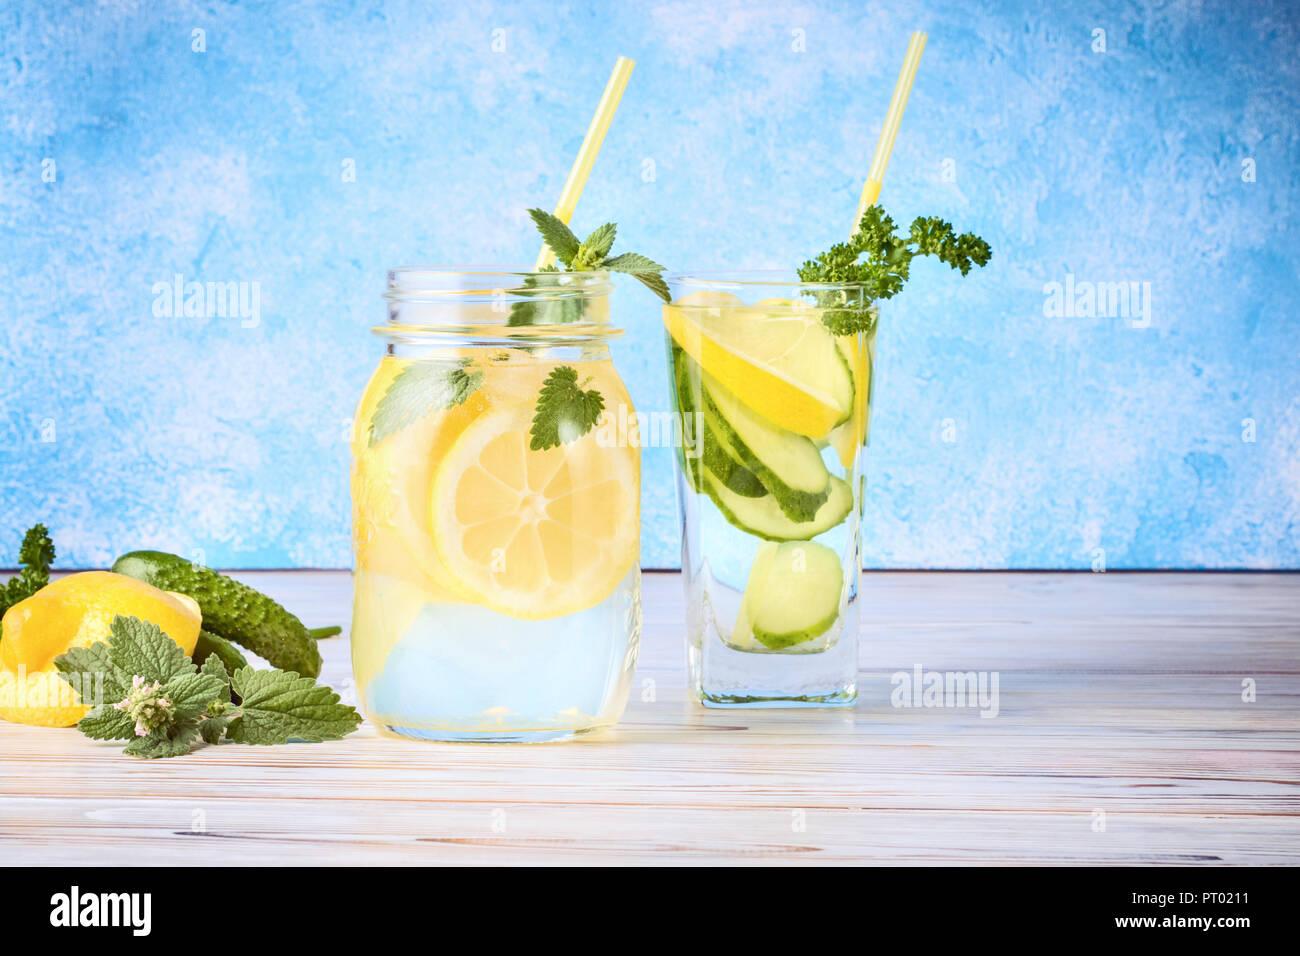 Conjunto de dos bebidas de desintoxicación dieta popular de purificación de agua de pepino antioxidante y limonada con hojas de menta, concepto de comida casera Imagen De Stock